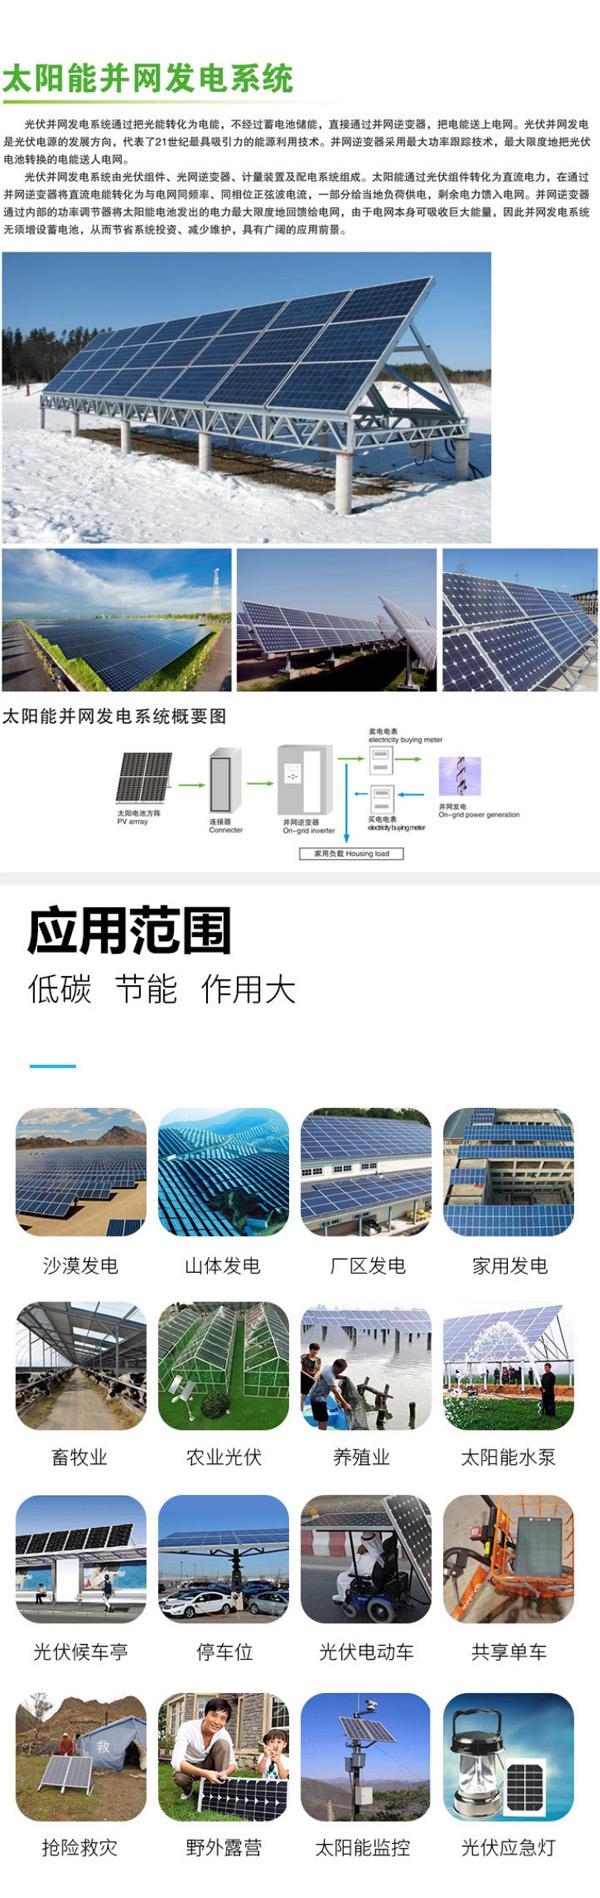 楼顶太阳能发电板工厂-能源社区